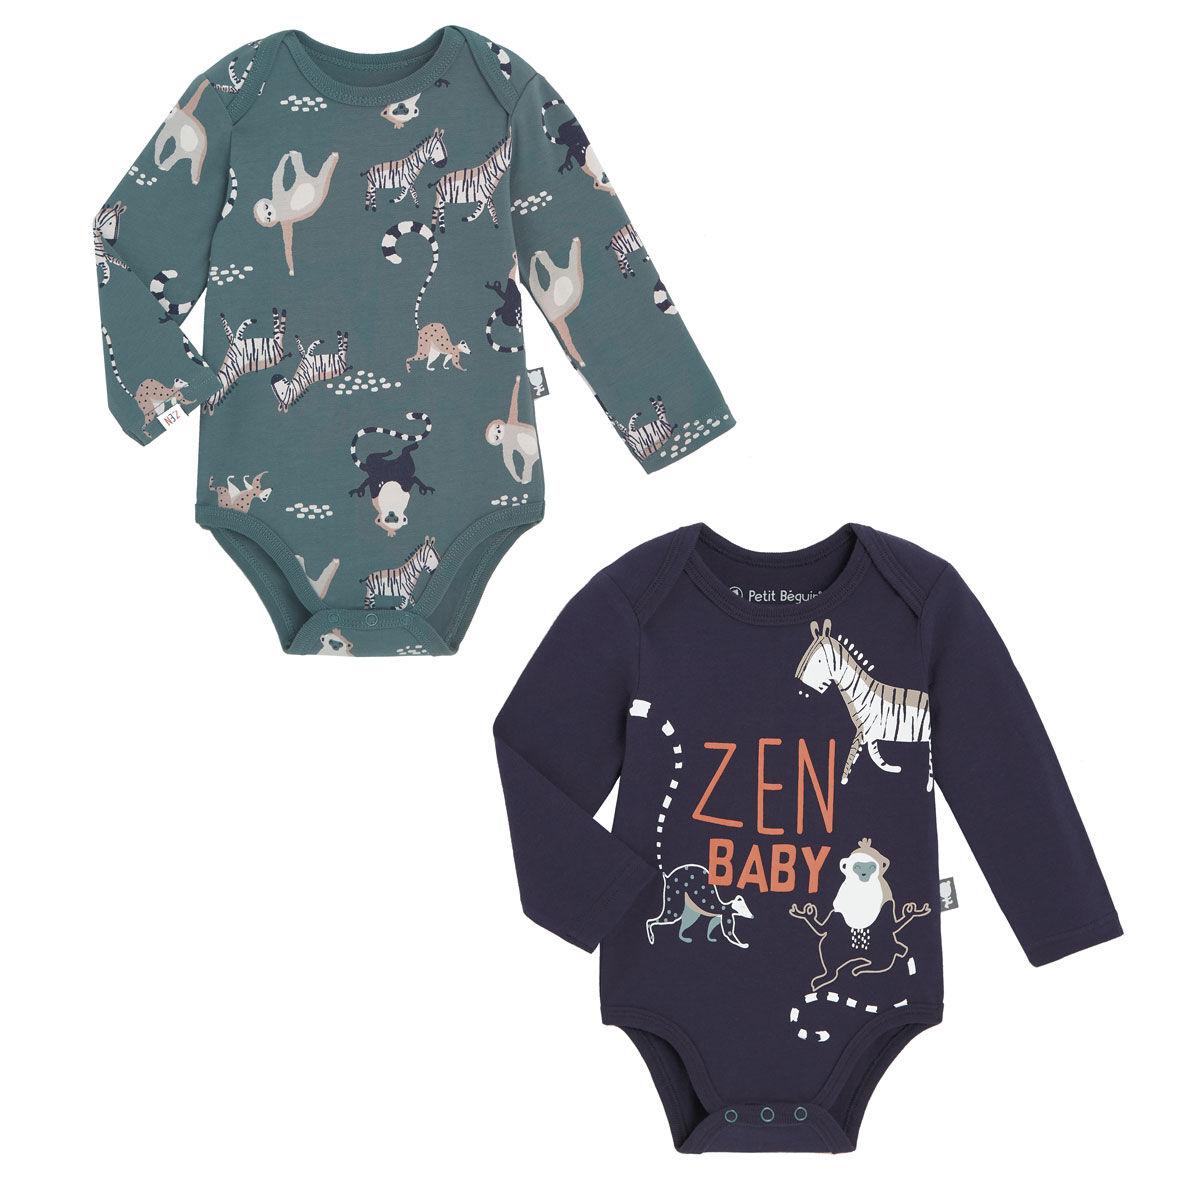 Petit Béguin Lot de 2 bodies bébé garçon manches longues Baby Zen - Taille - 6 mois